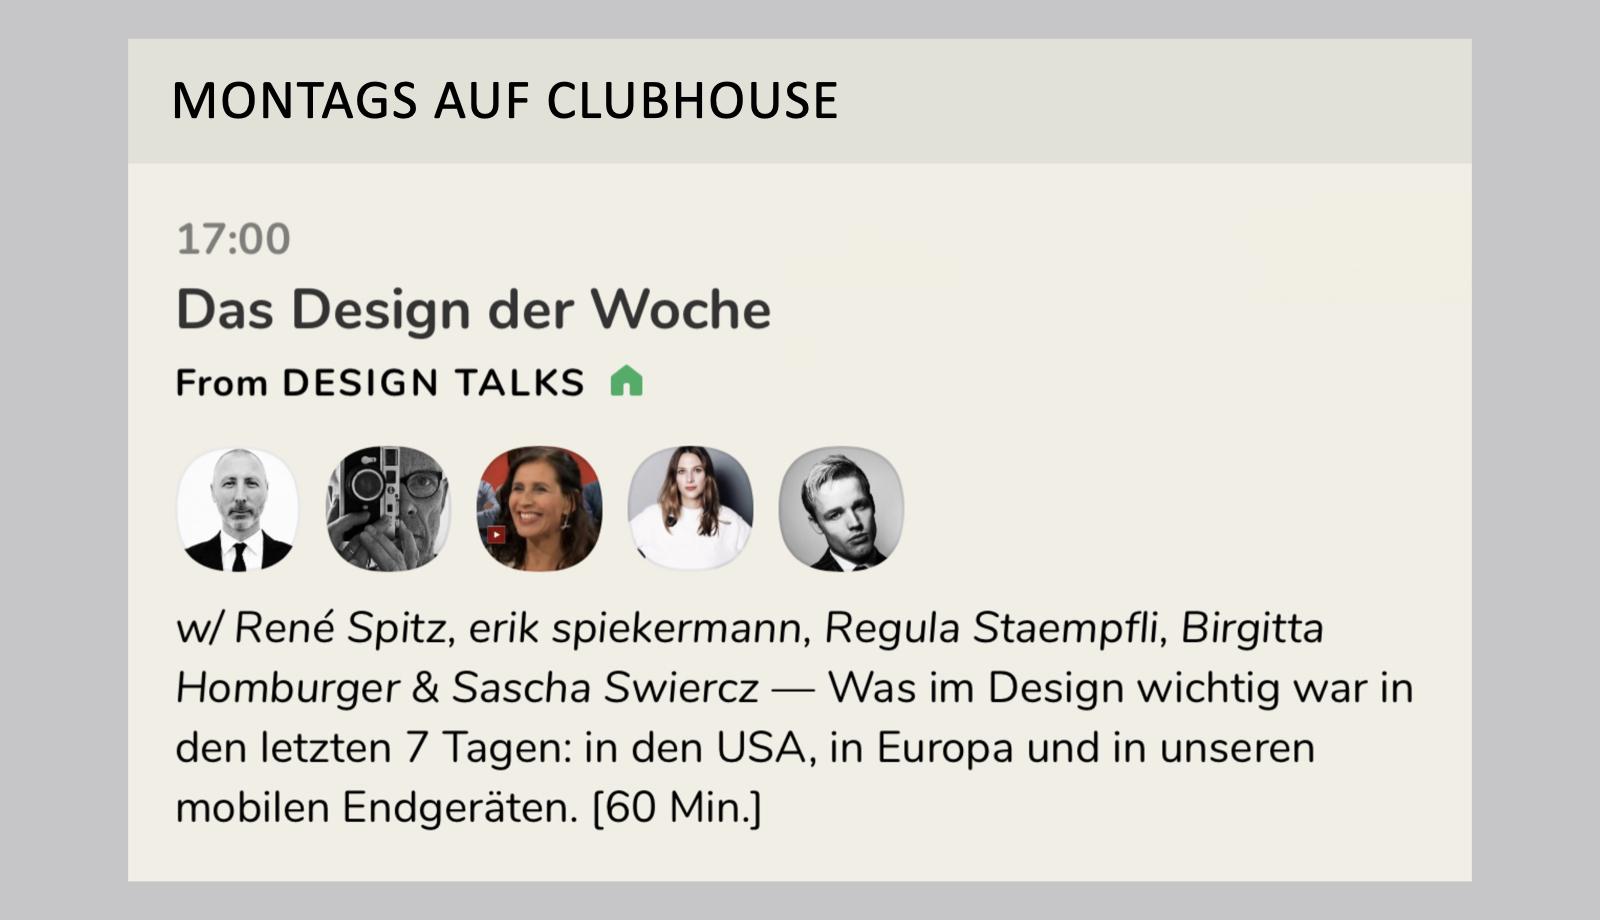 Rene Spitz_Designkritik_Das Design der Woche